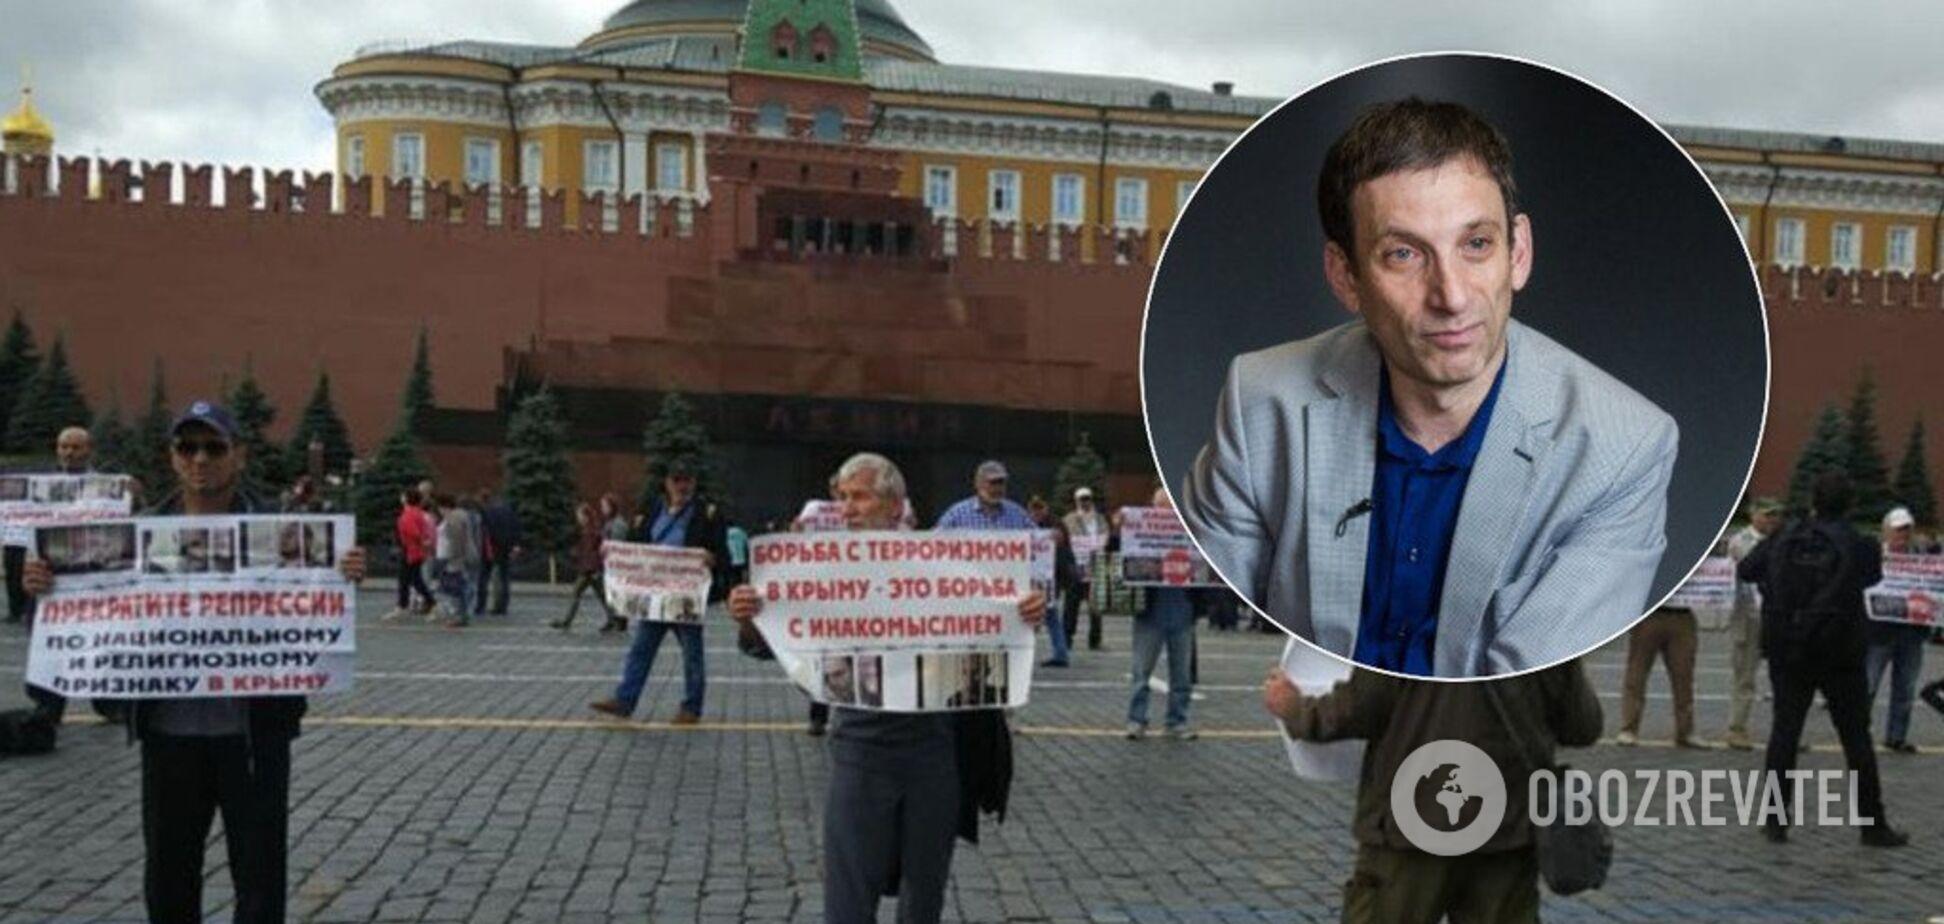 Порников: крымские татары победят оккупантский режим